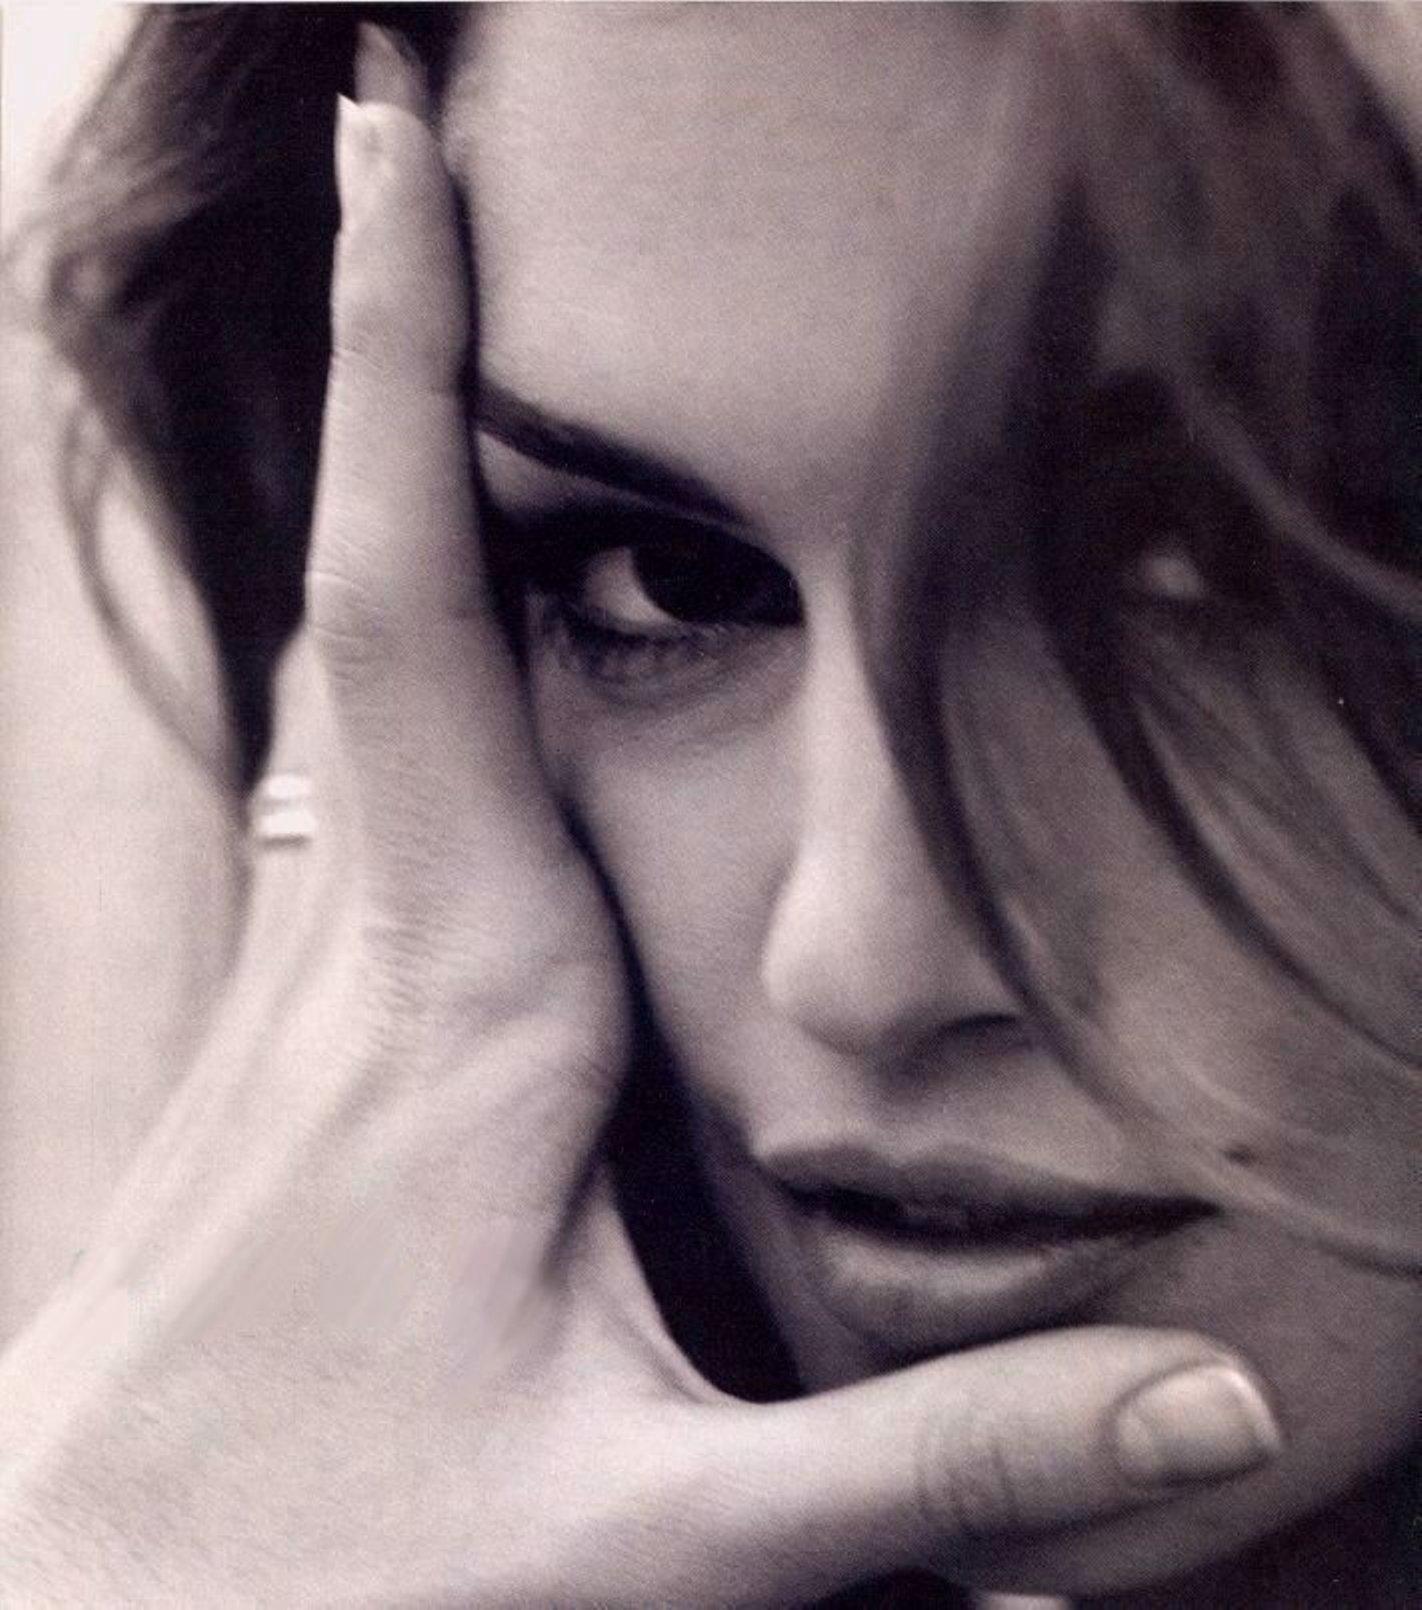 Супер модель 90-х Синди Кроуфорд (86 фотографий), photo16.